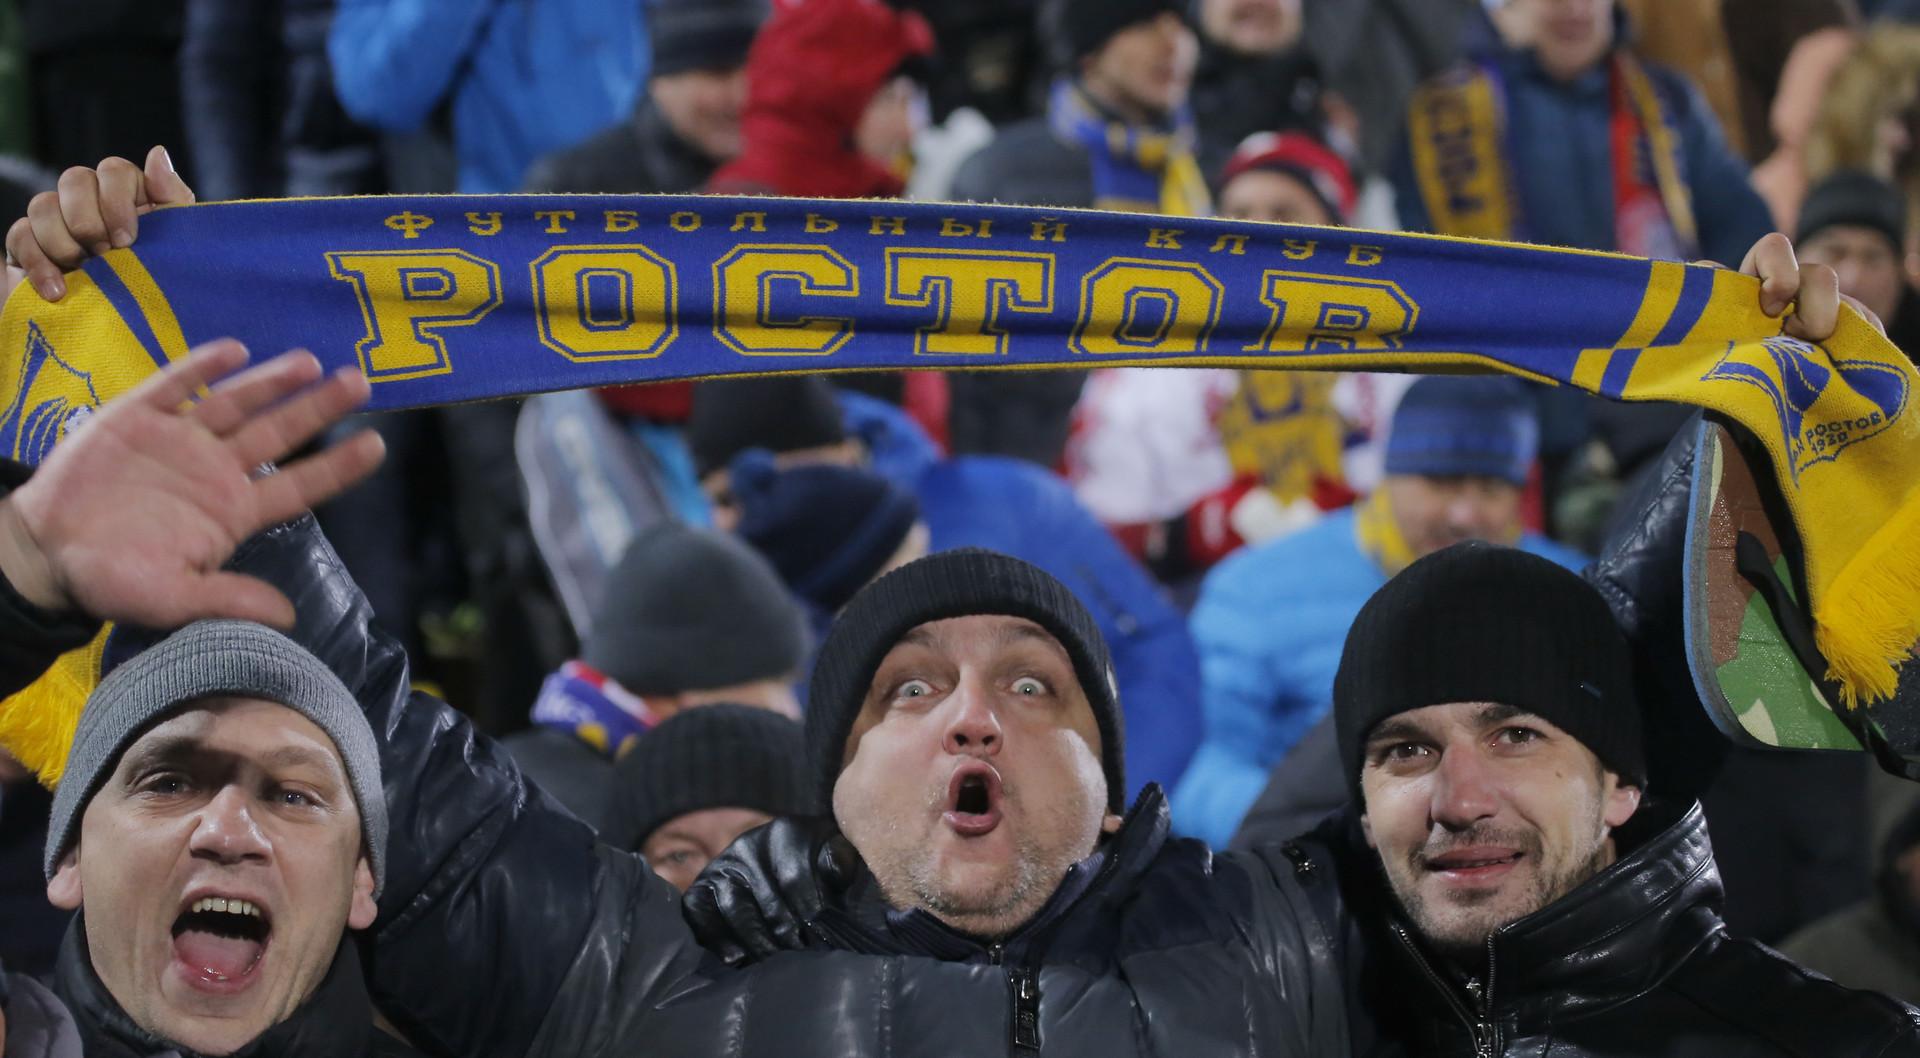 Аншлаг обеспечен: пока в Манчестере предостерегали фанатов, в Ростове раскупили все билеты